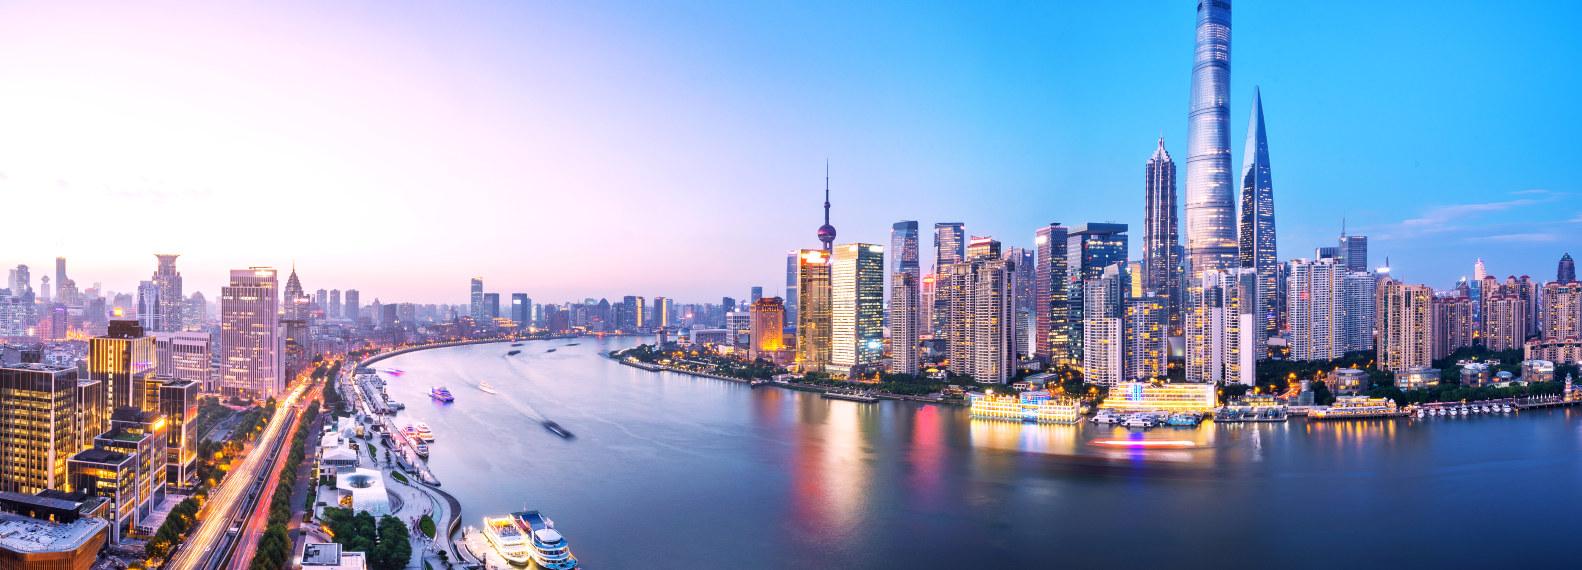 Bilde av Shanghai